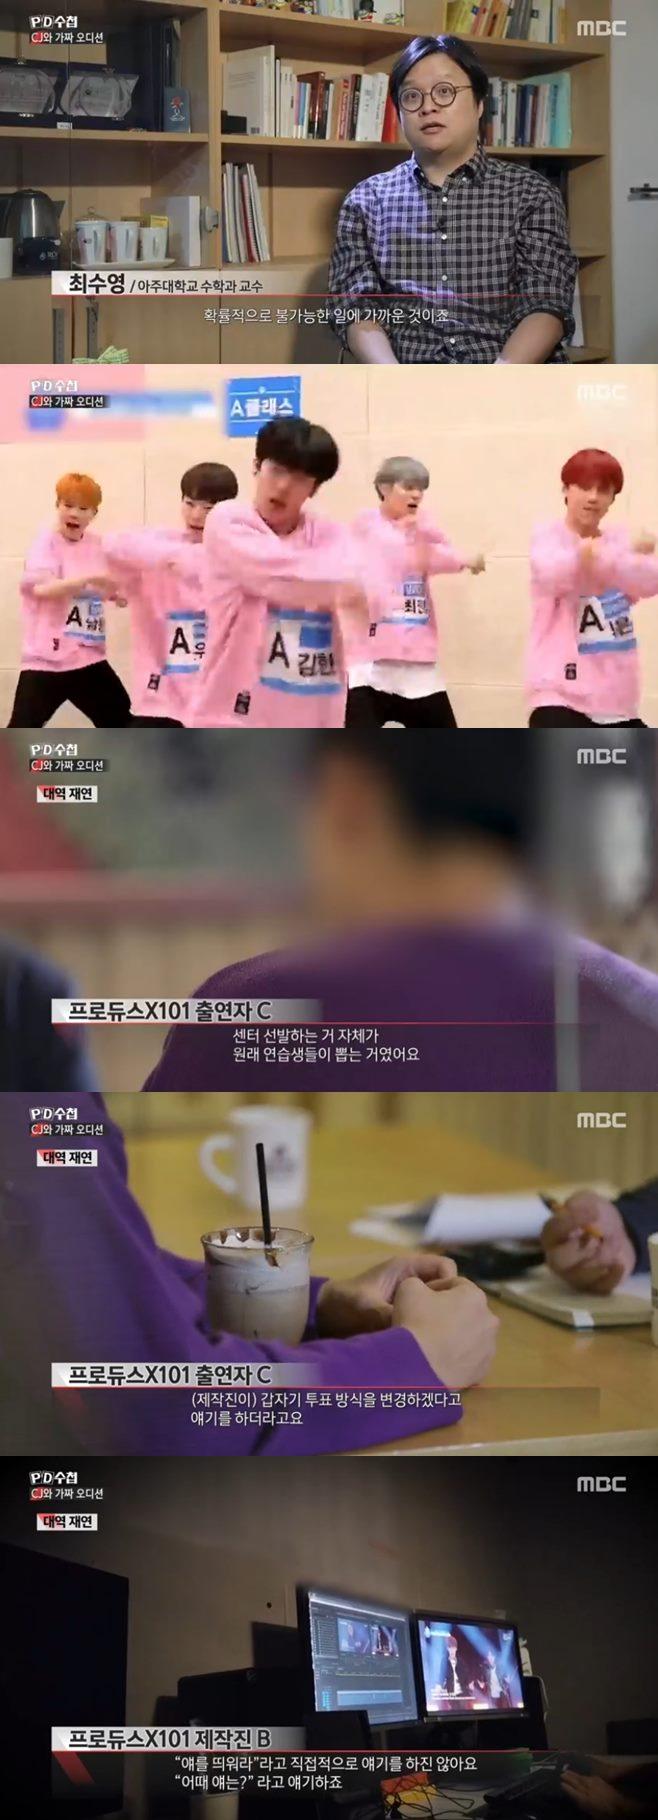 PD수첩 피디수첩 아이돌학교 프로듀스 x101 투표조작 논란 이해인